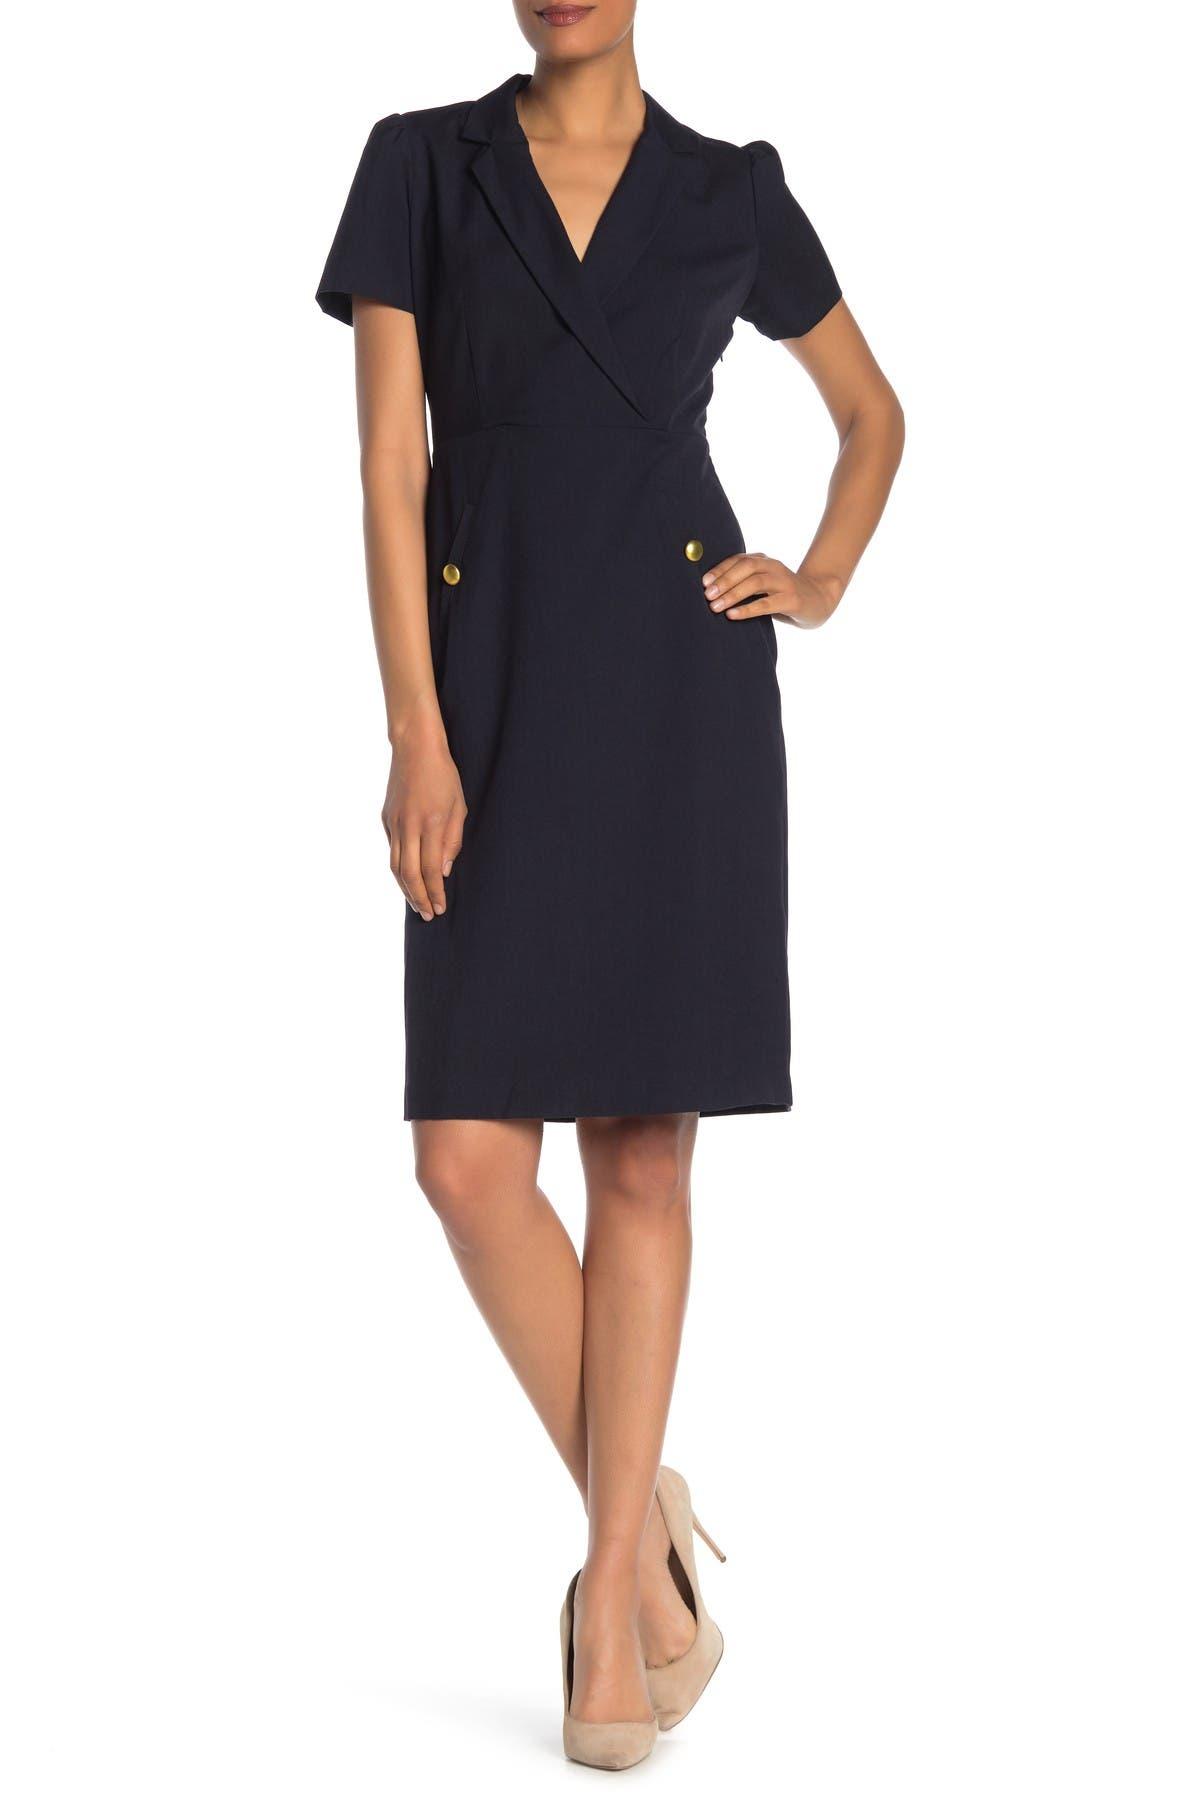 Image of Sharagano Short Sleeve Shift Dress